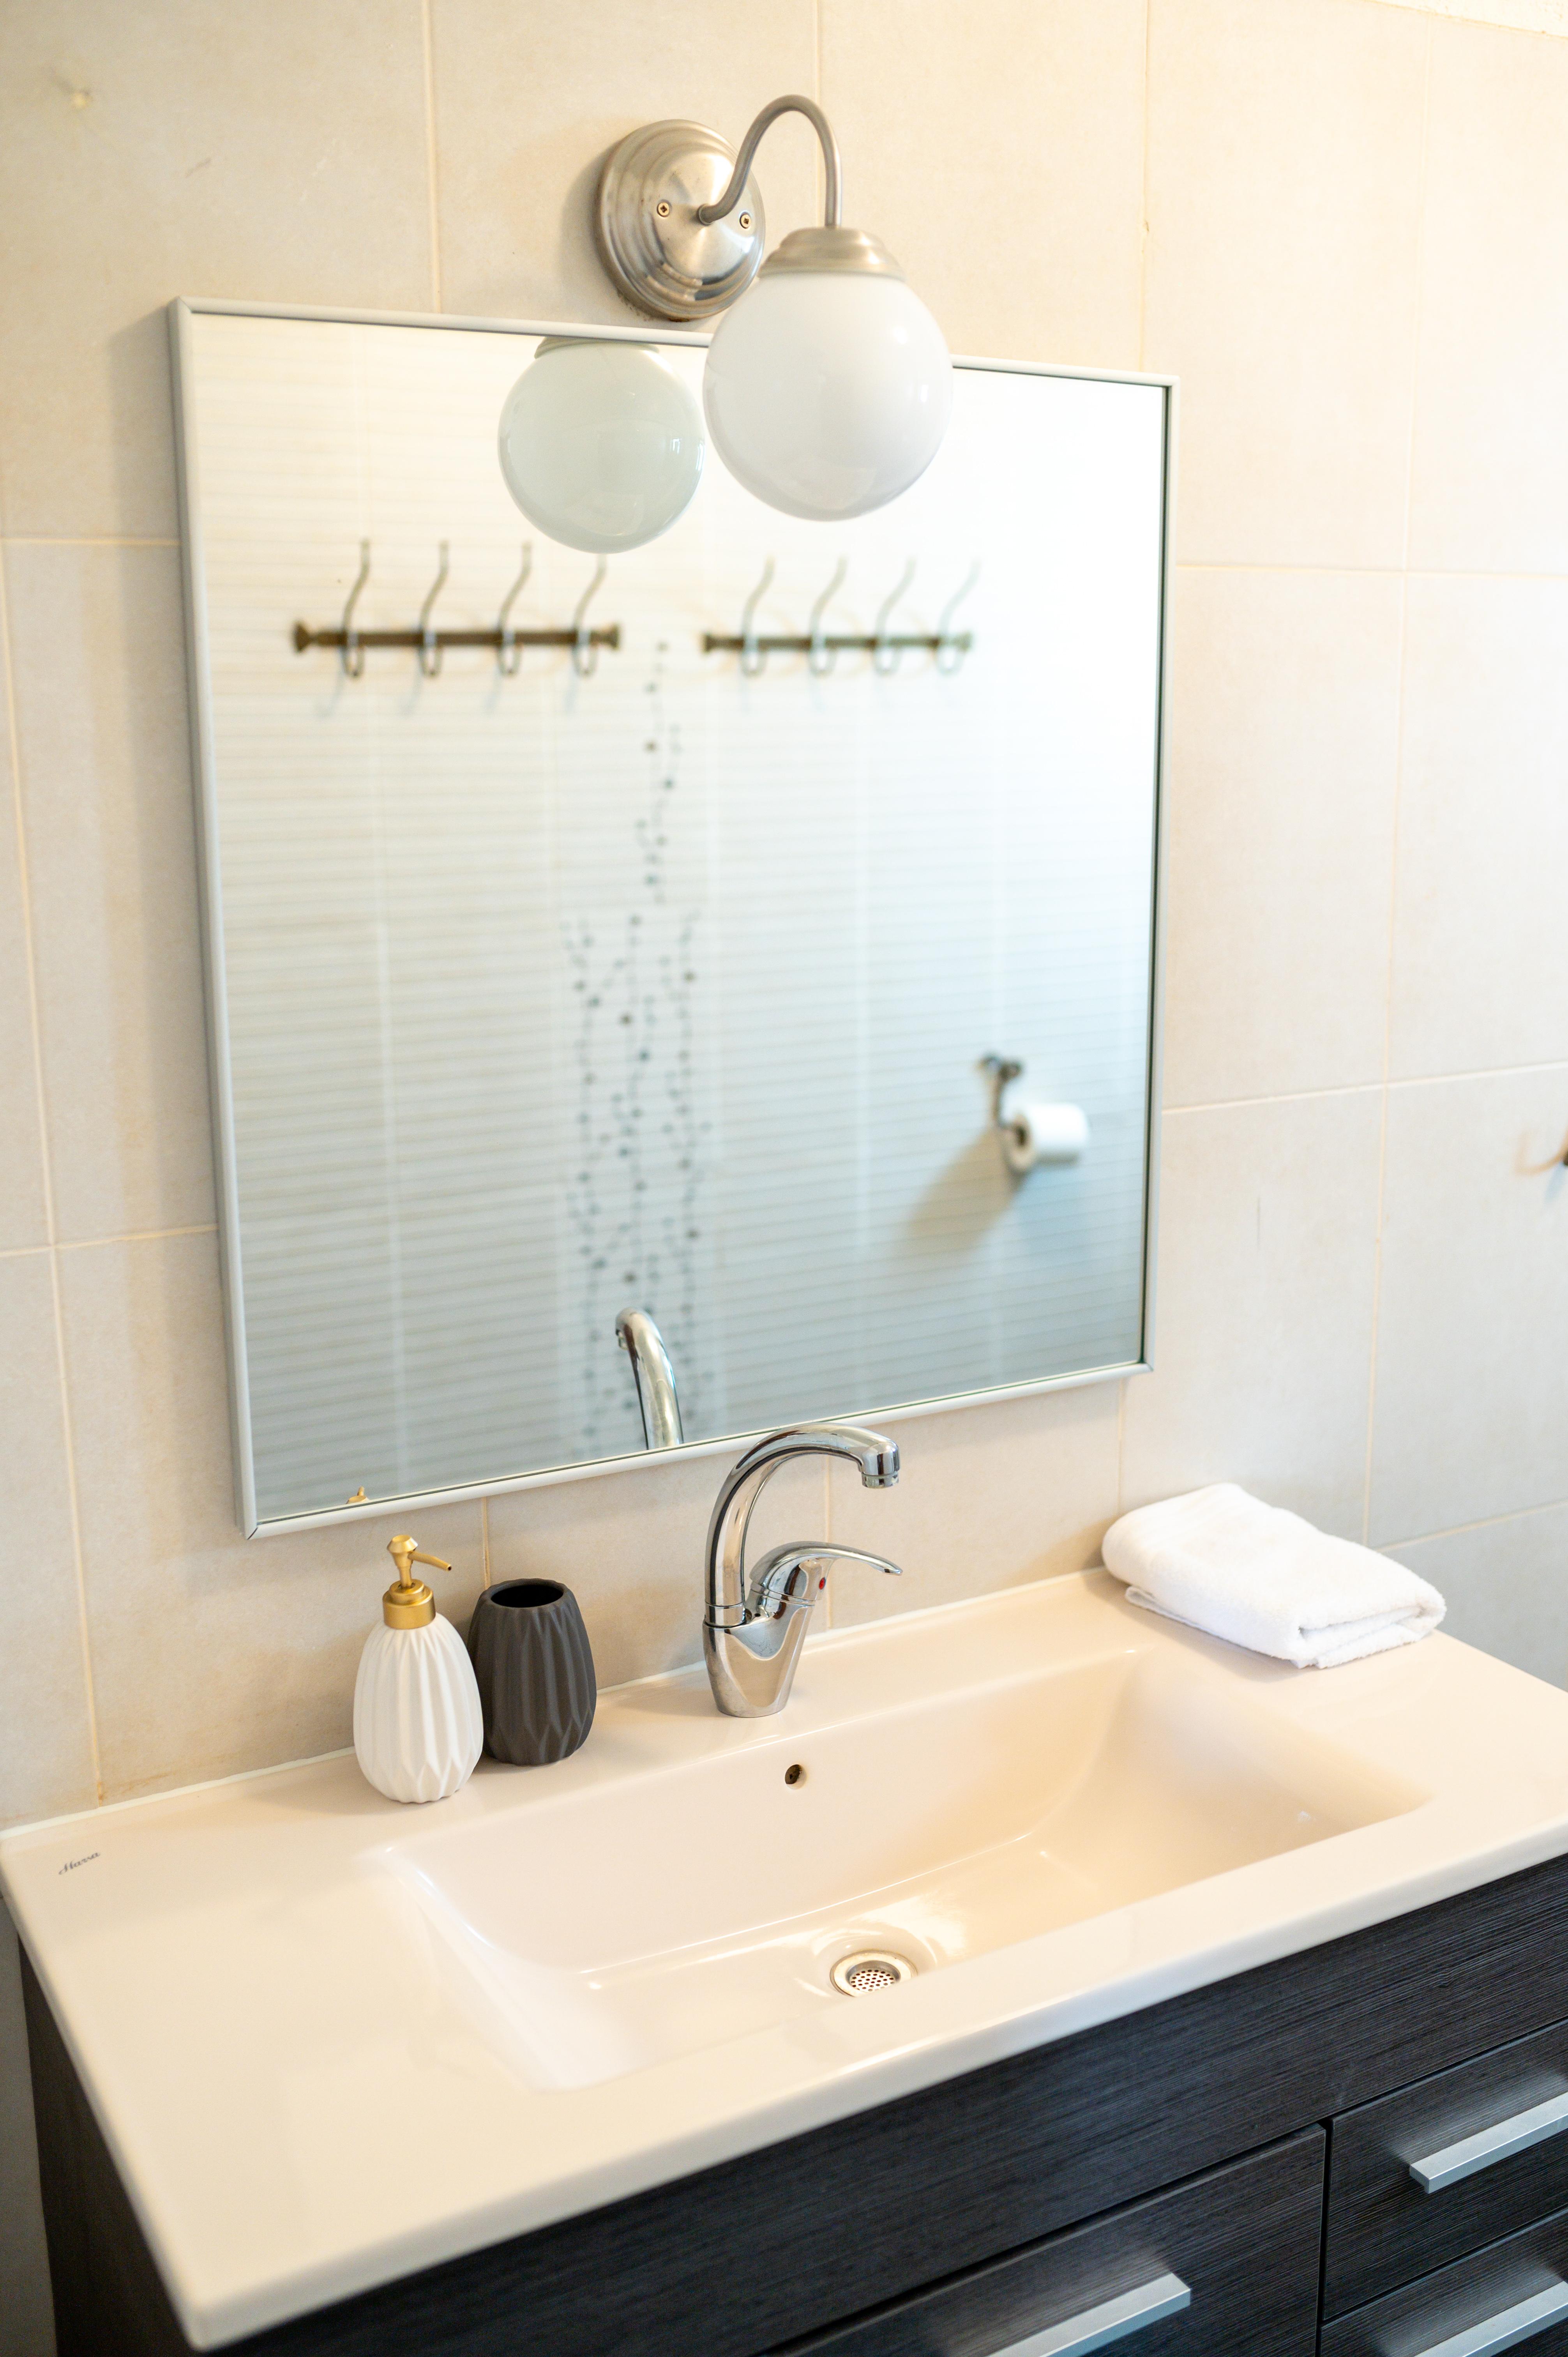 נחל פארן 32 - המקלחת הגדולה